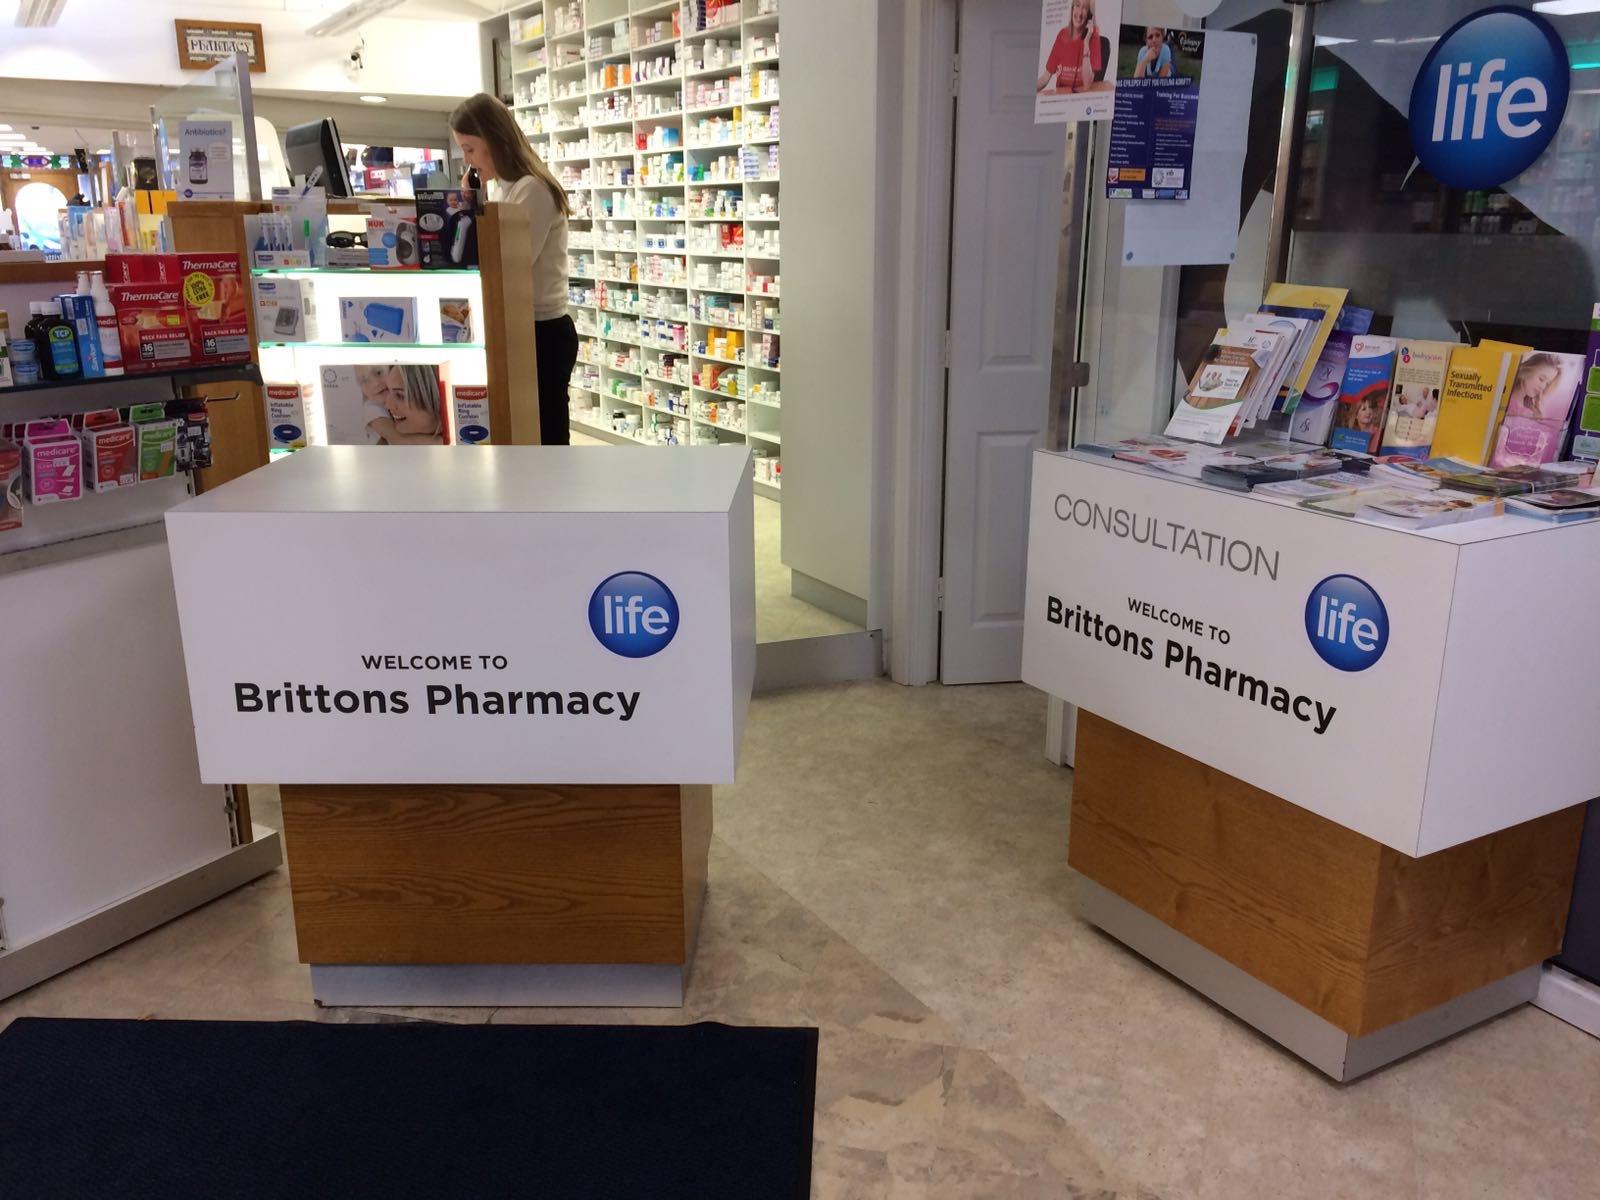 CBM Signs - Branding